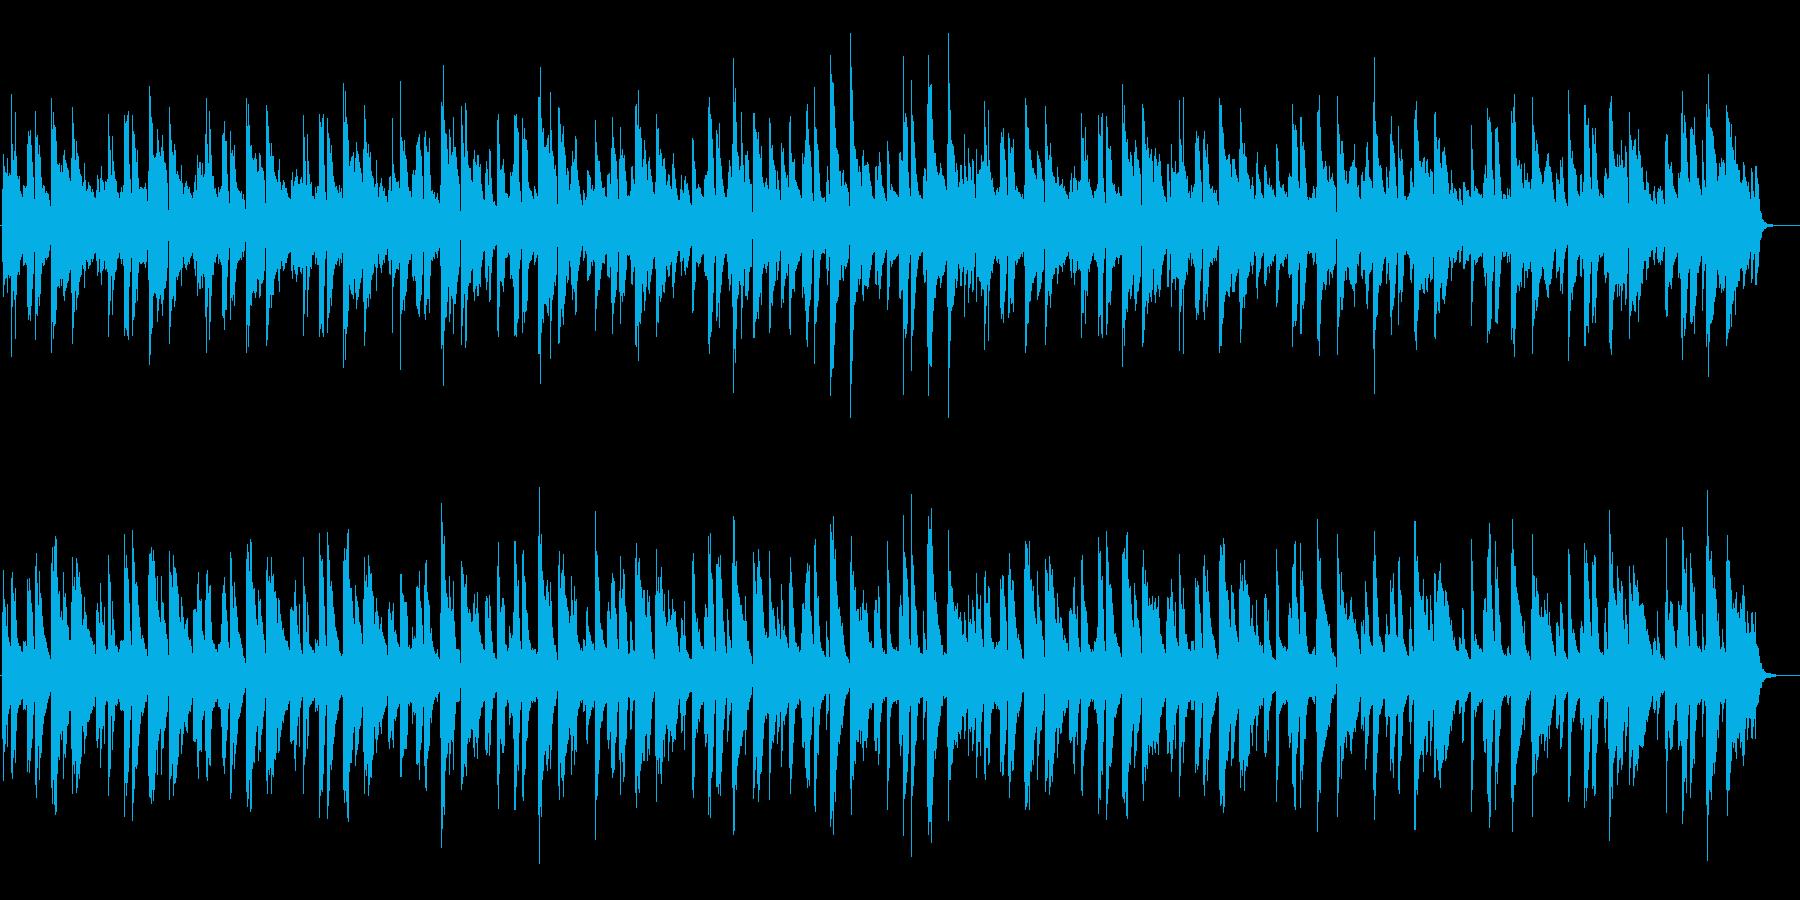 ピアノインスト:ジャジー、おしゃれの再生済みの波形